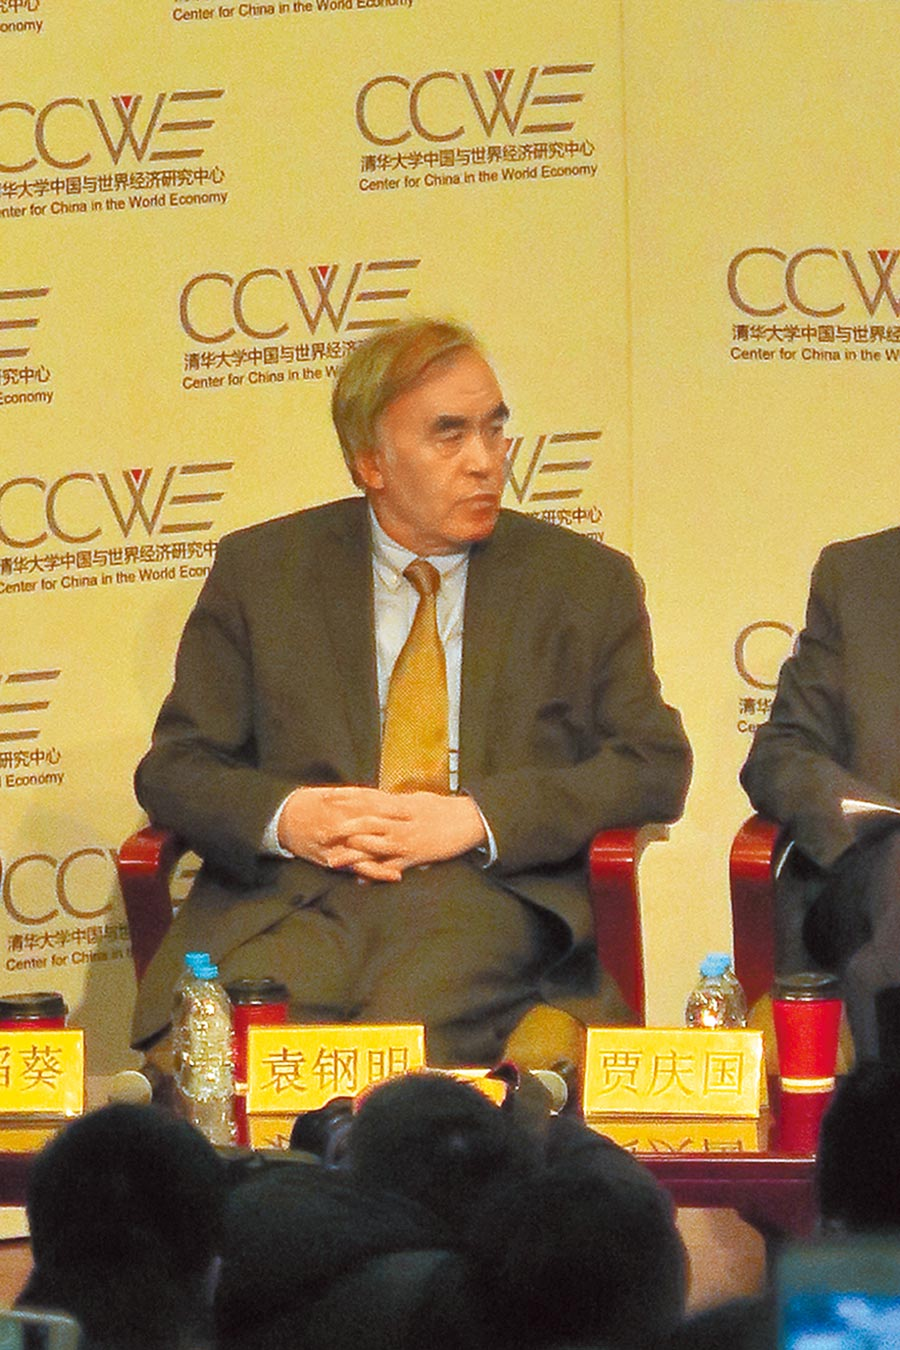 清華大學中國與世界經濟研究中心研究員袁鋼明。(本報資料照片)